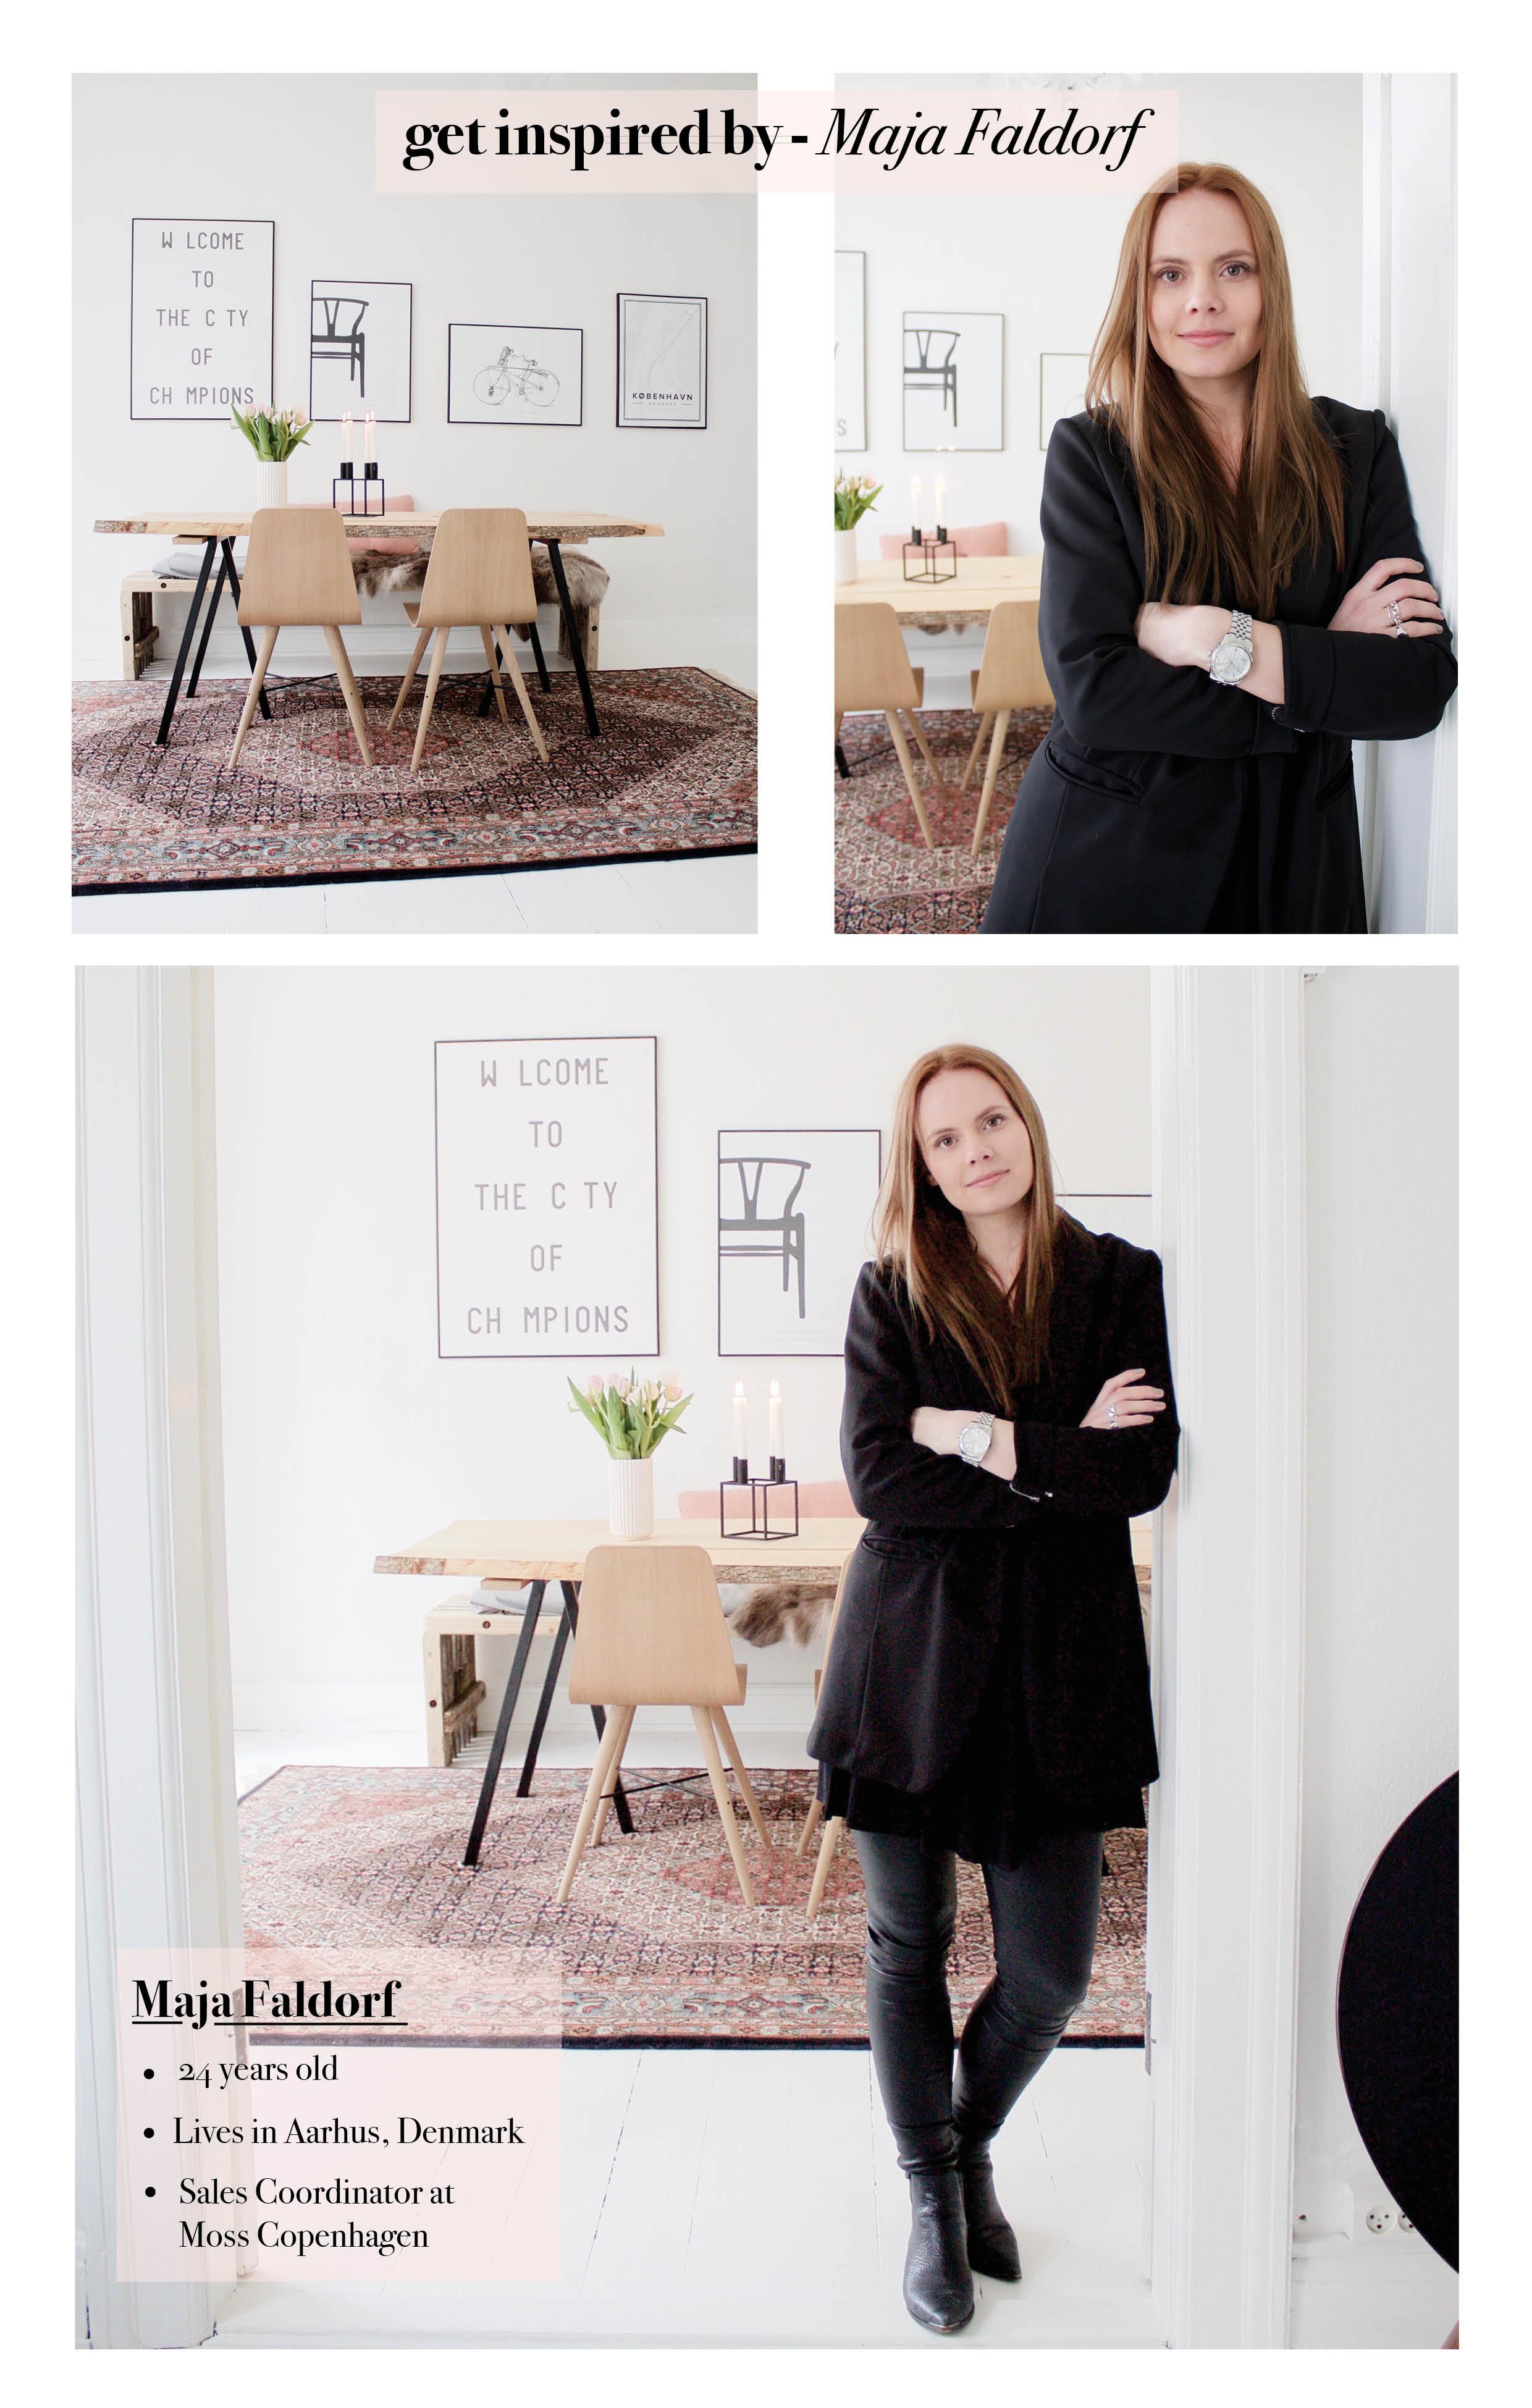 Get inspired by Maja Faldorf